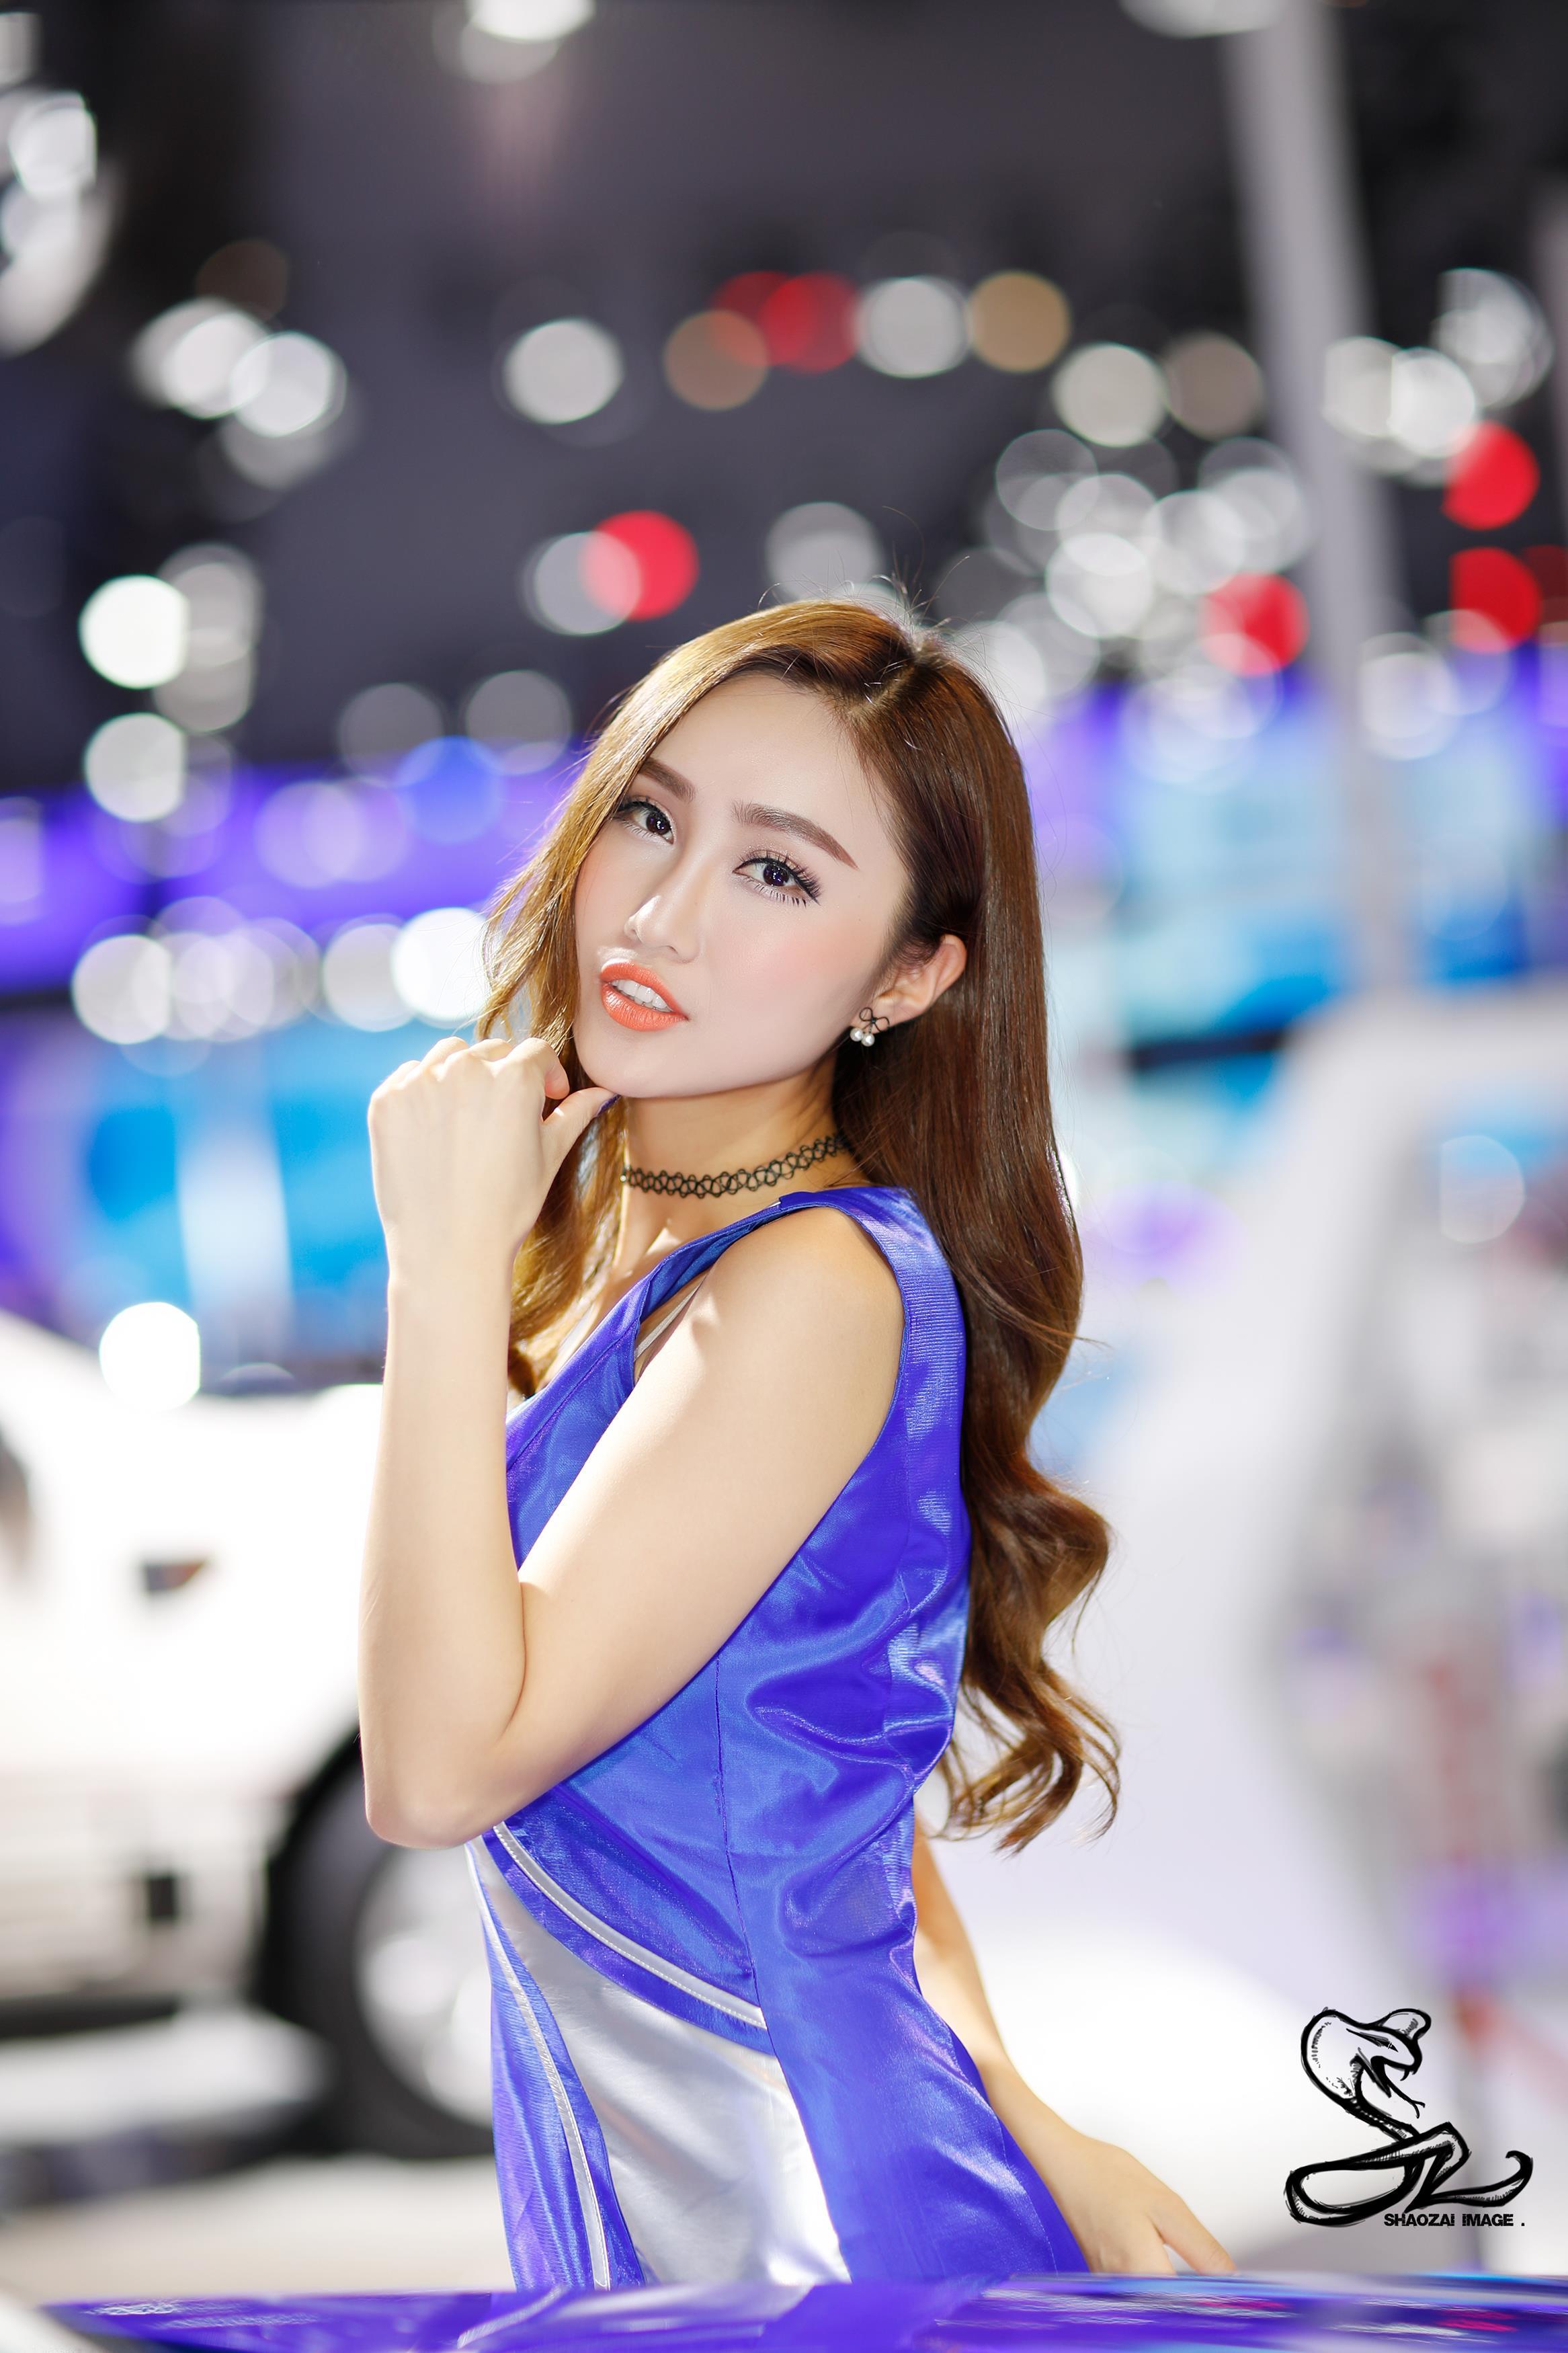 2016成都国际车展美女车模张秦苗雨紫色无袖连身裙可爱调皮